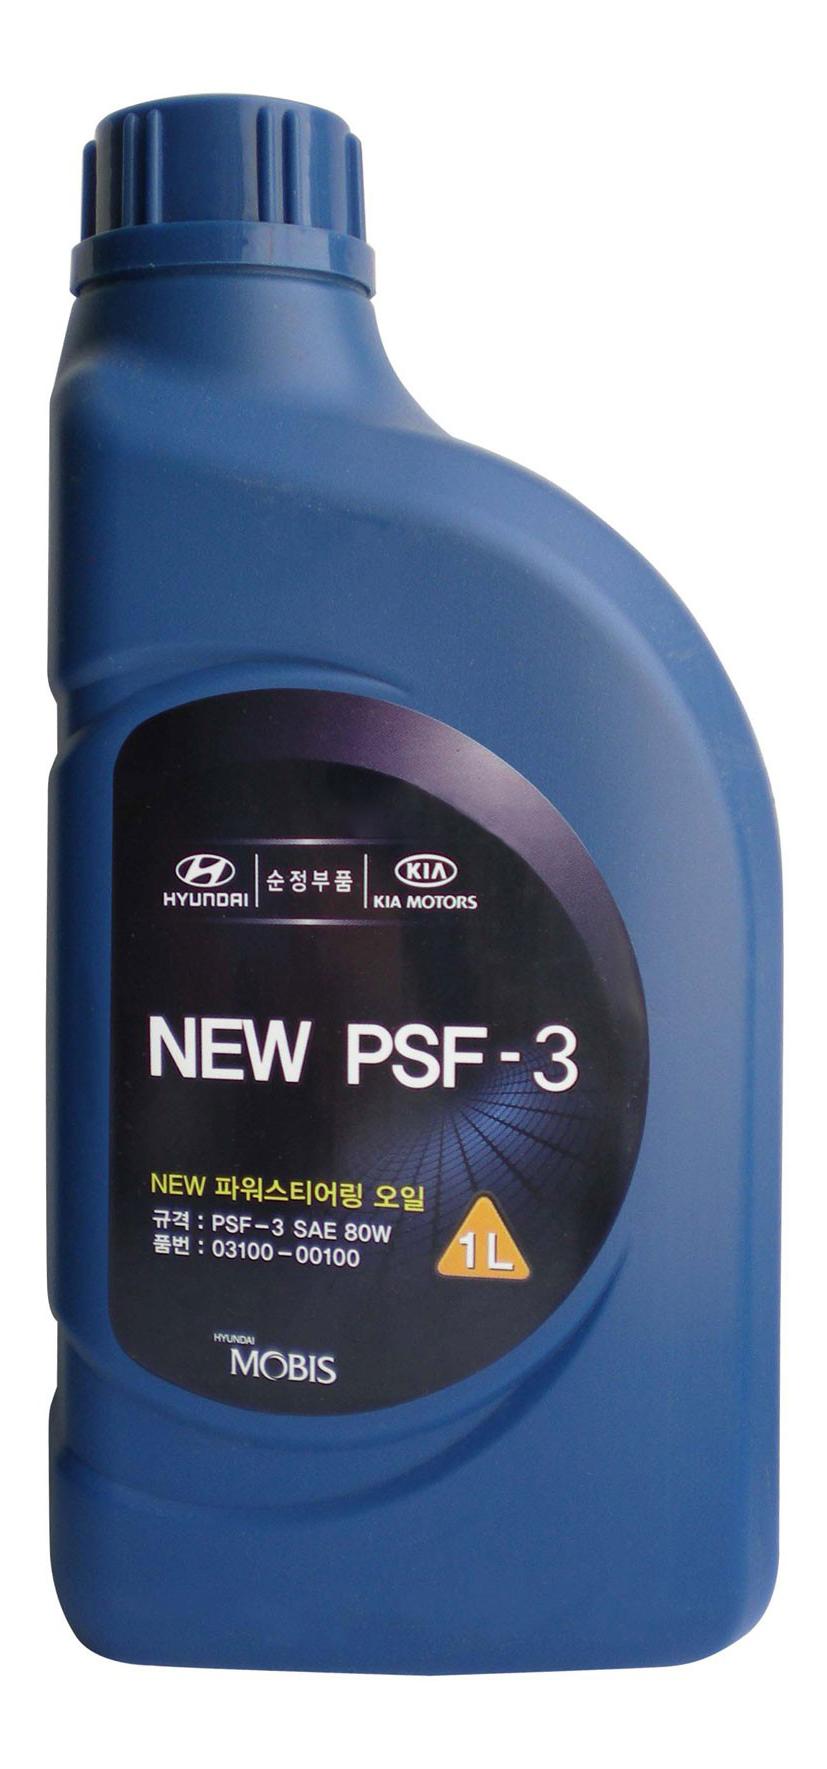 Гидравлическое масло Hyundai KIA 80W 1л 0310000100